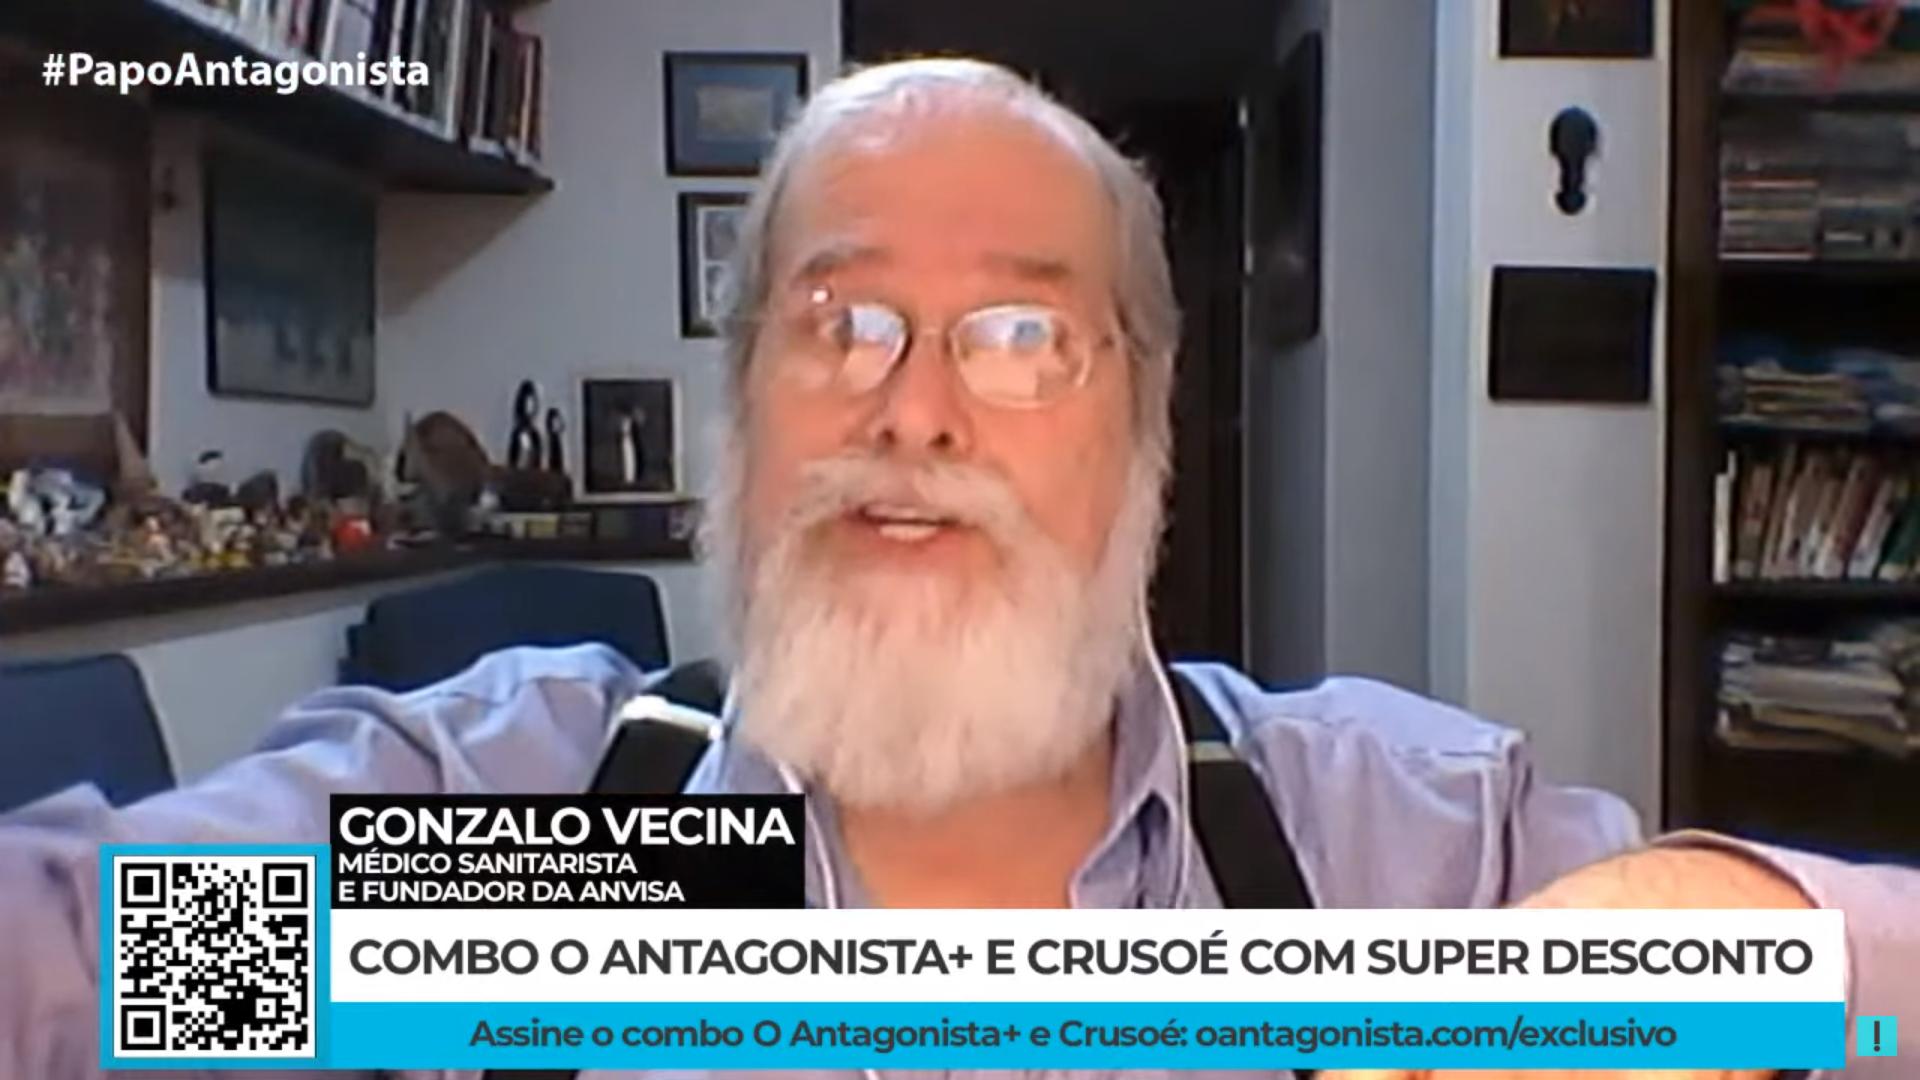 IMAGEM: Gonzalo Vecina: projeto do governo Bolsonaro é chegar a 1 milhão de mortes por Covid